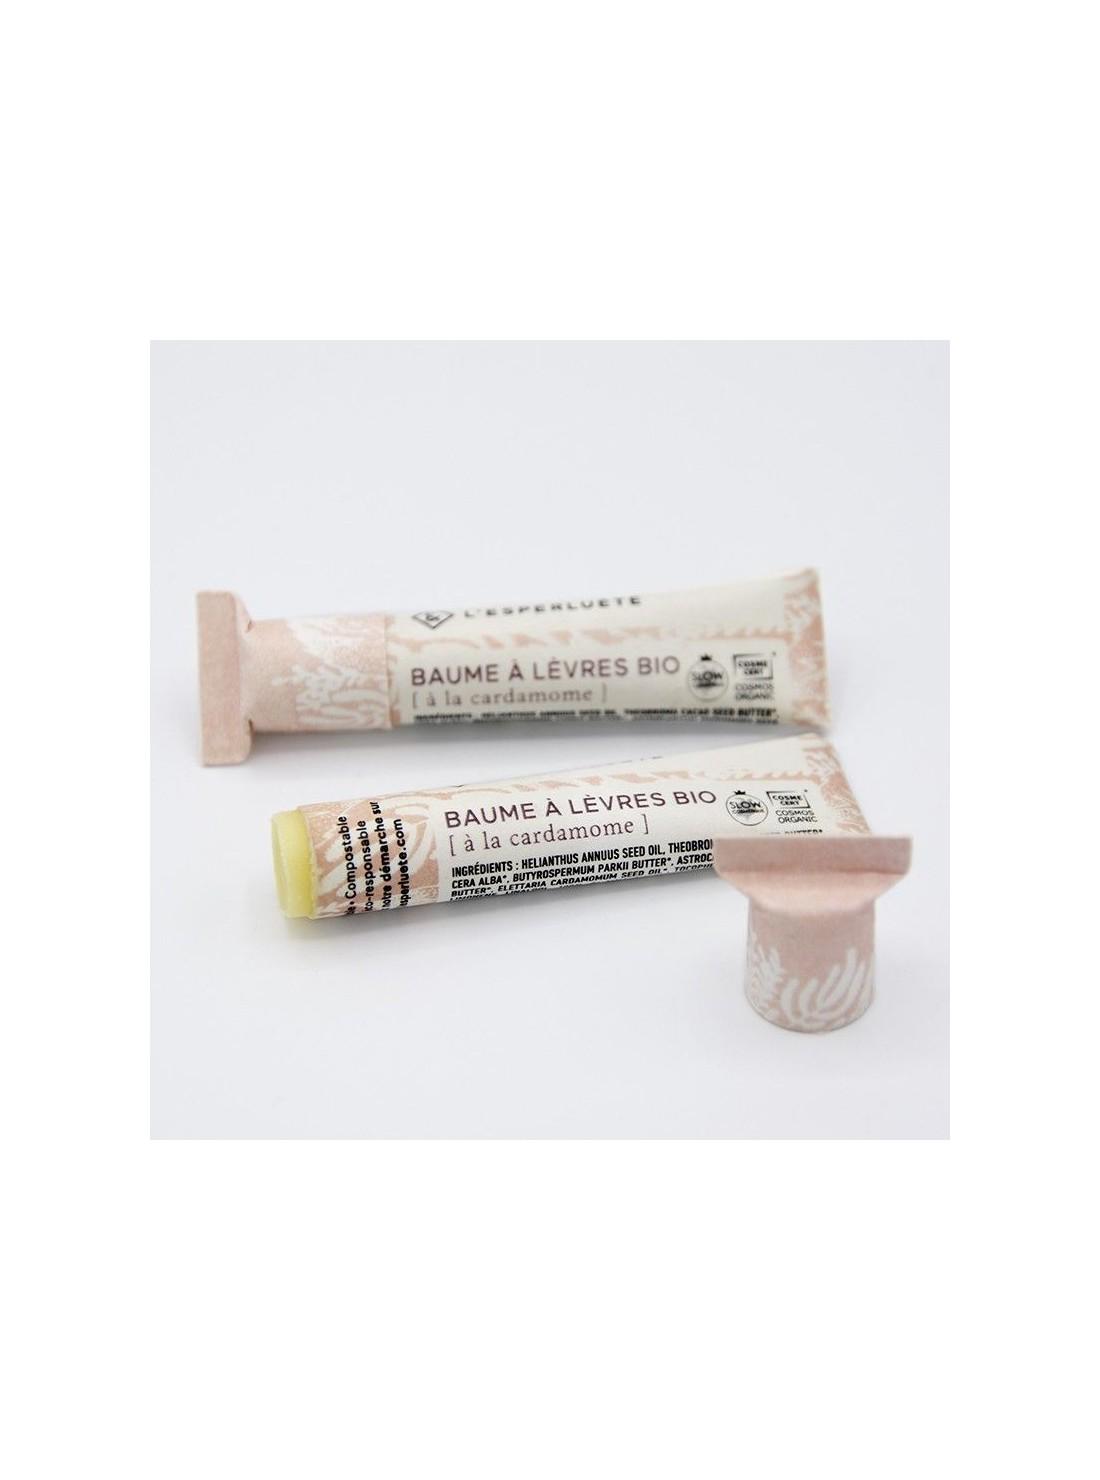 Photo détourée Baume à lèvres bio cardamome L'esperluète